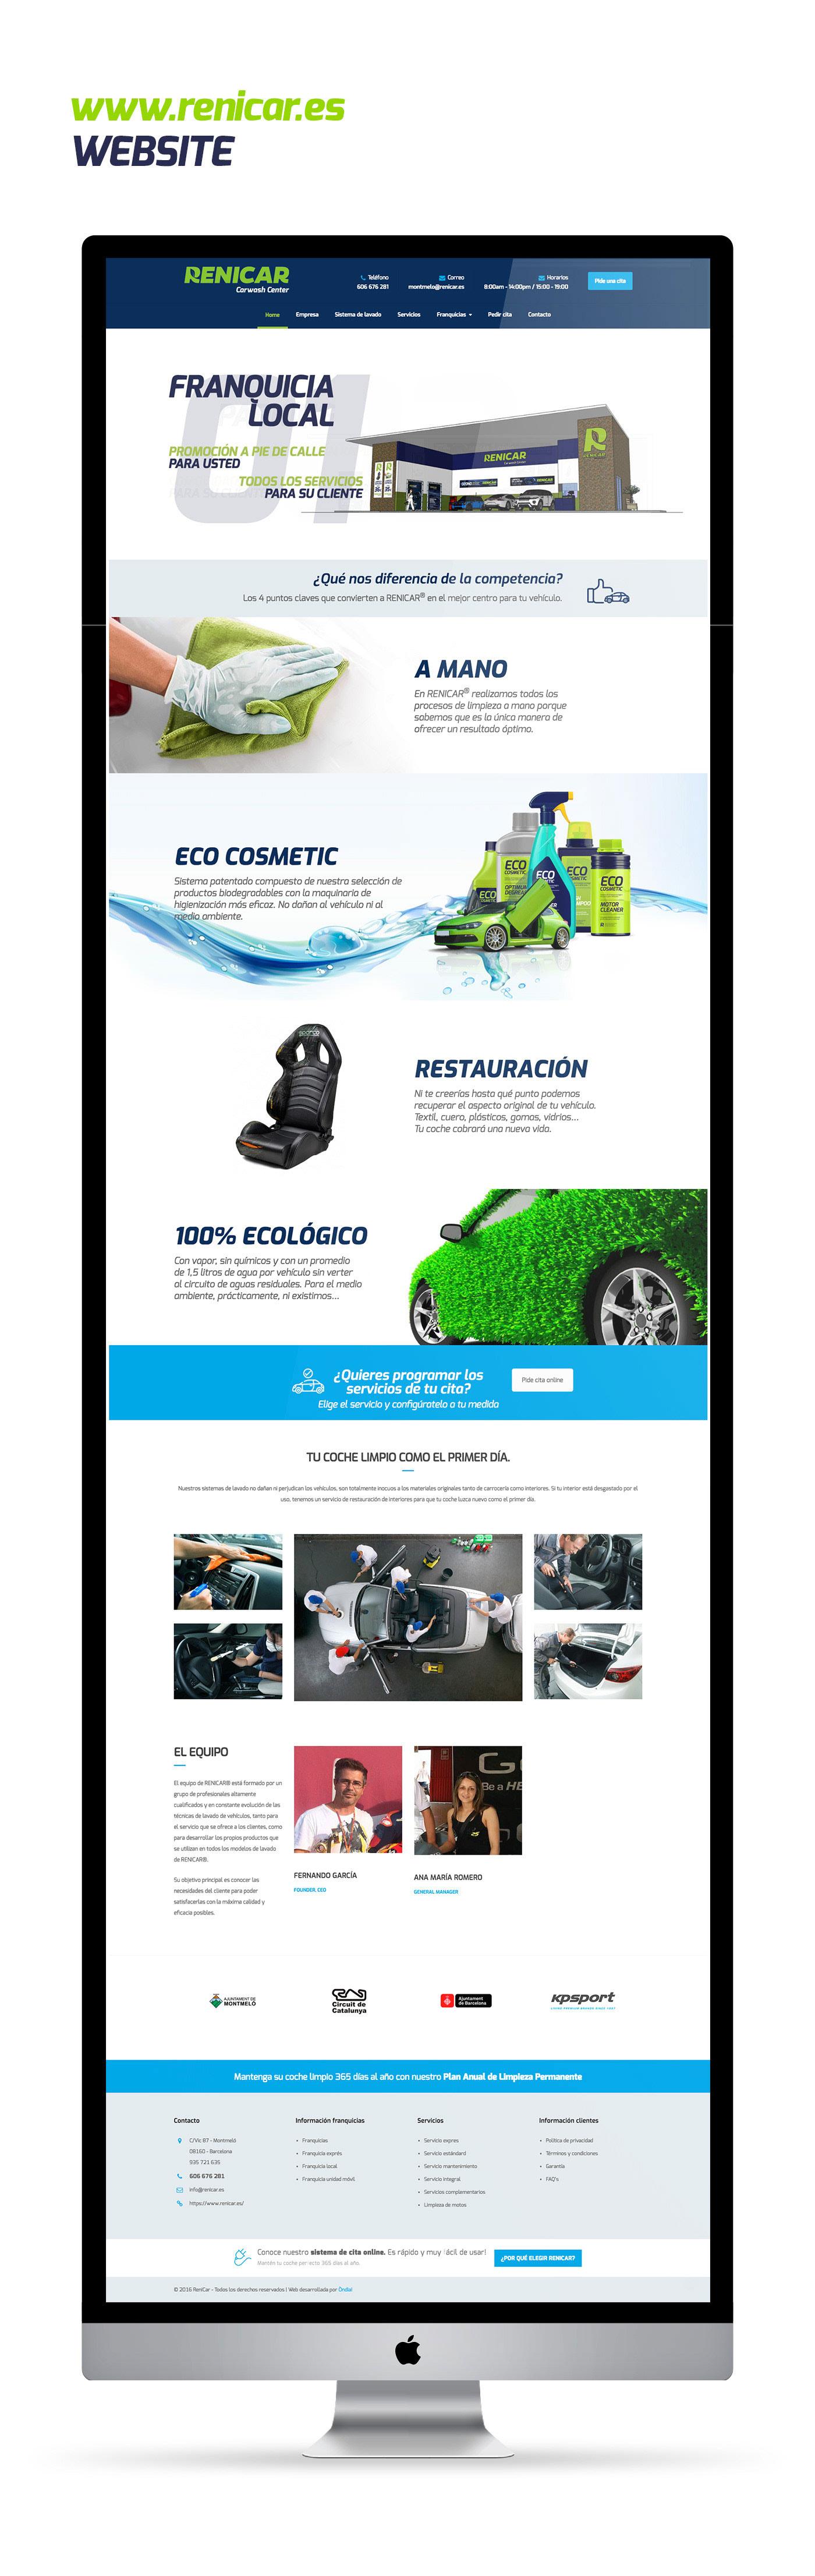 Vista onepage de la pagina web de Renicar